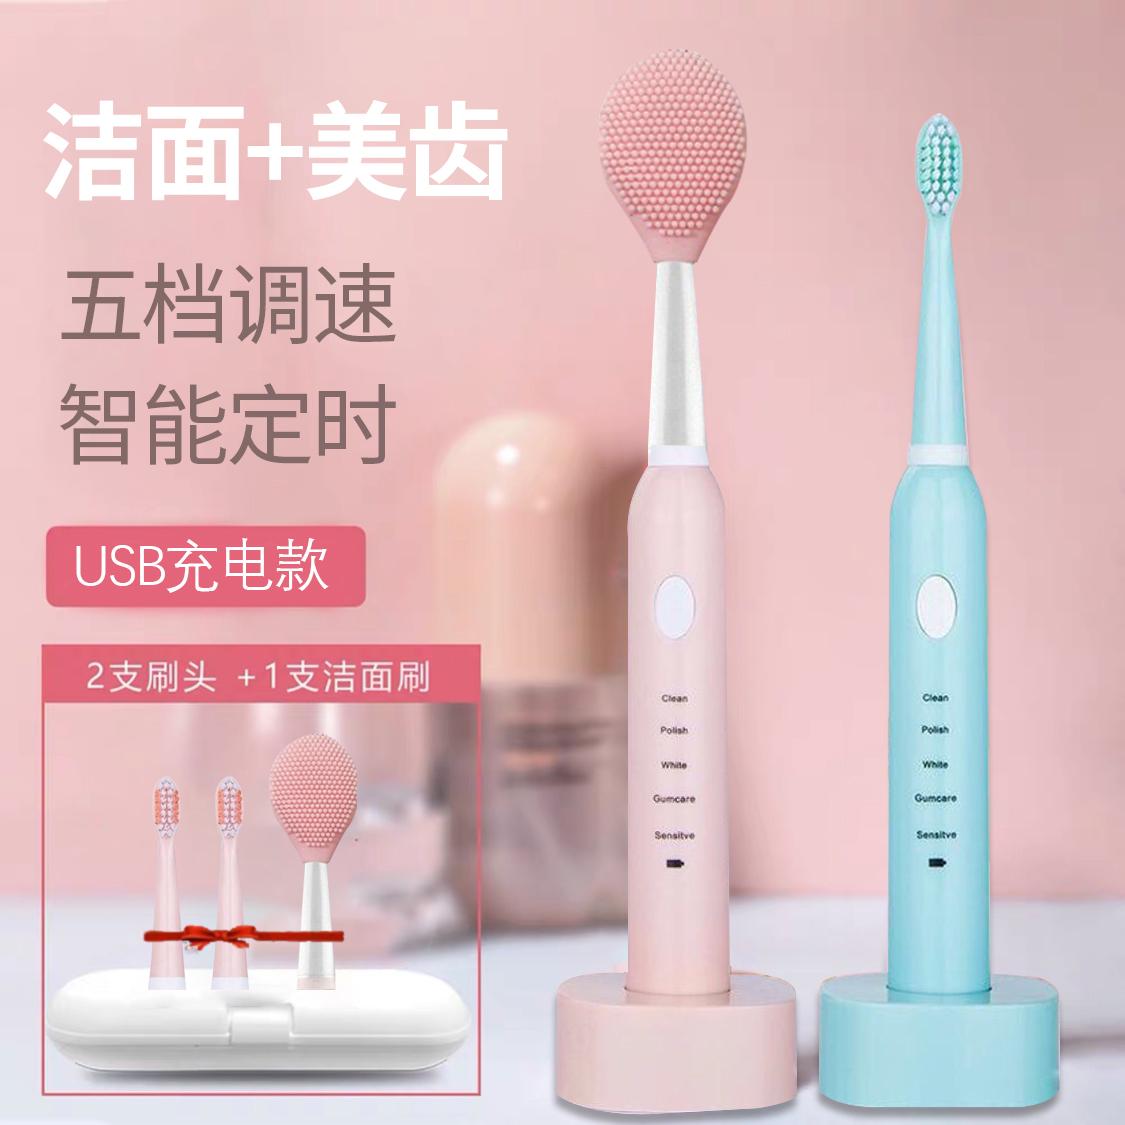 电动牙刷成人儿童洁面仪洗脸牙刷USB充电款电动牙刷软毛牙刷淘宝优惠券